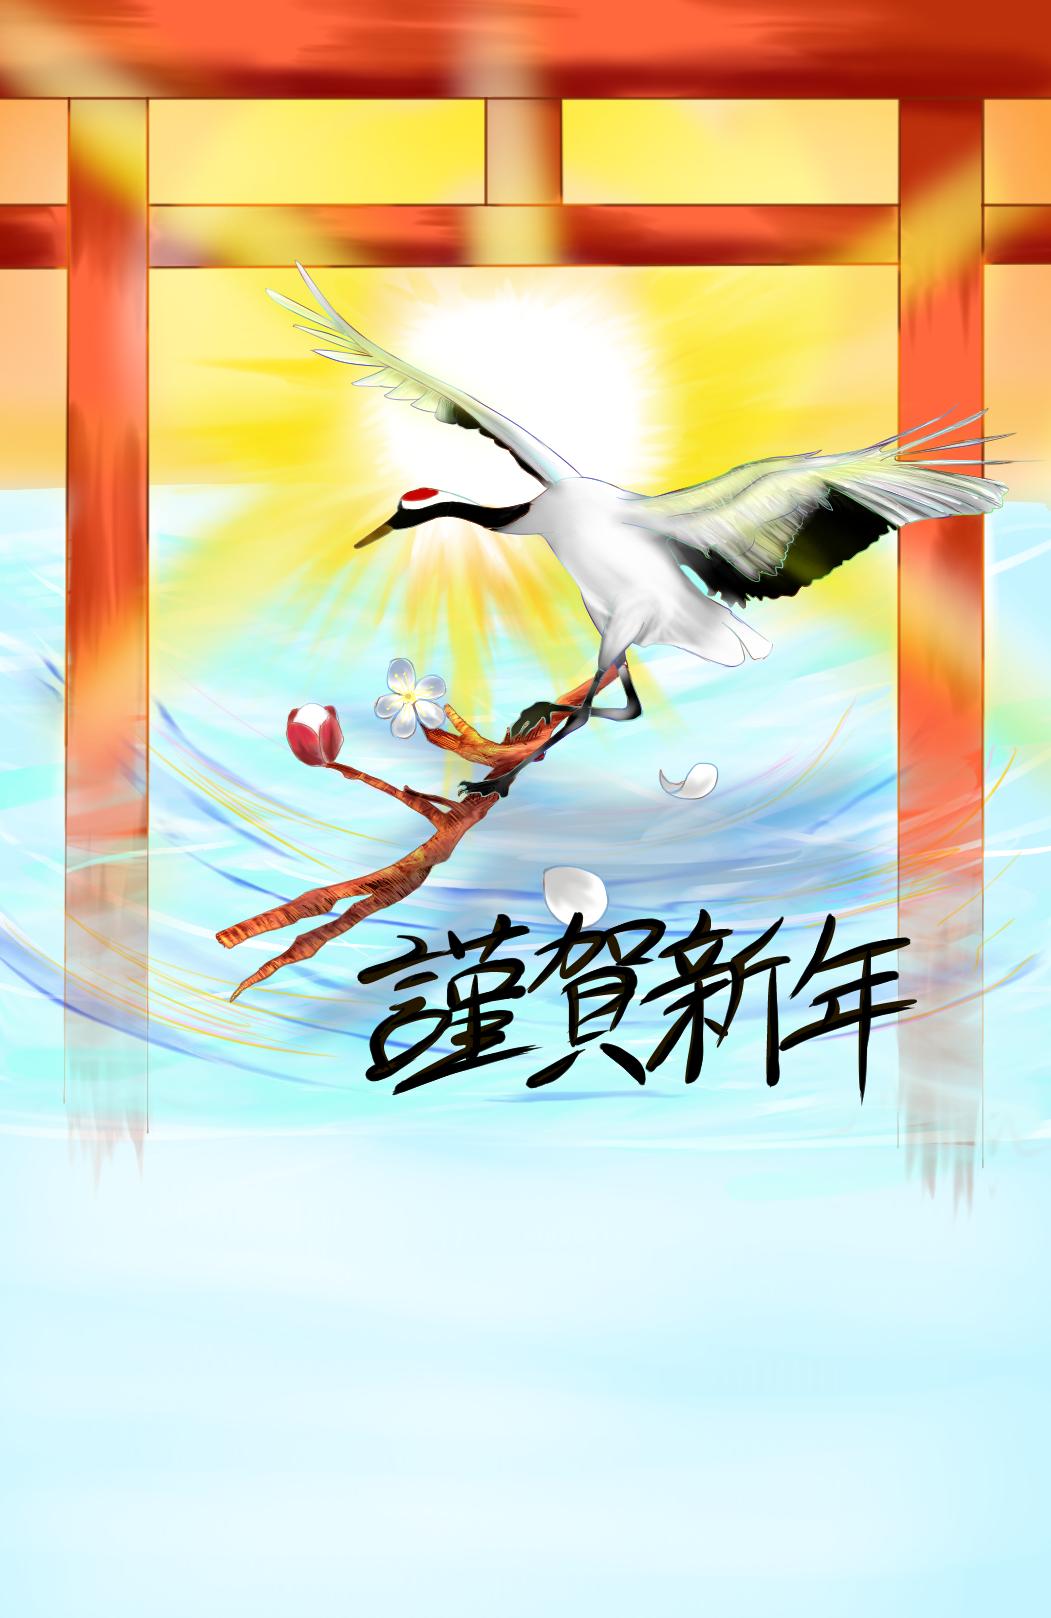 ゆずにゃんこ/鶴の渡り